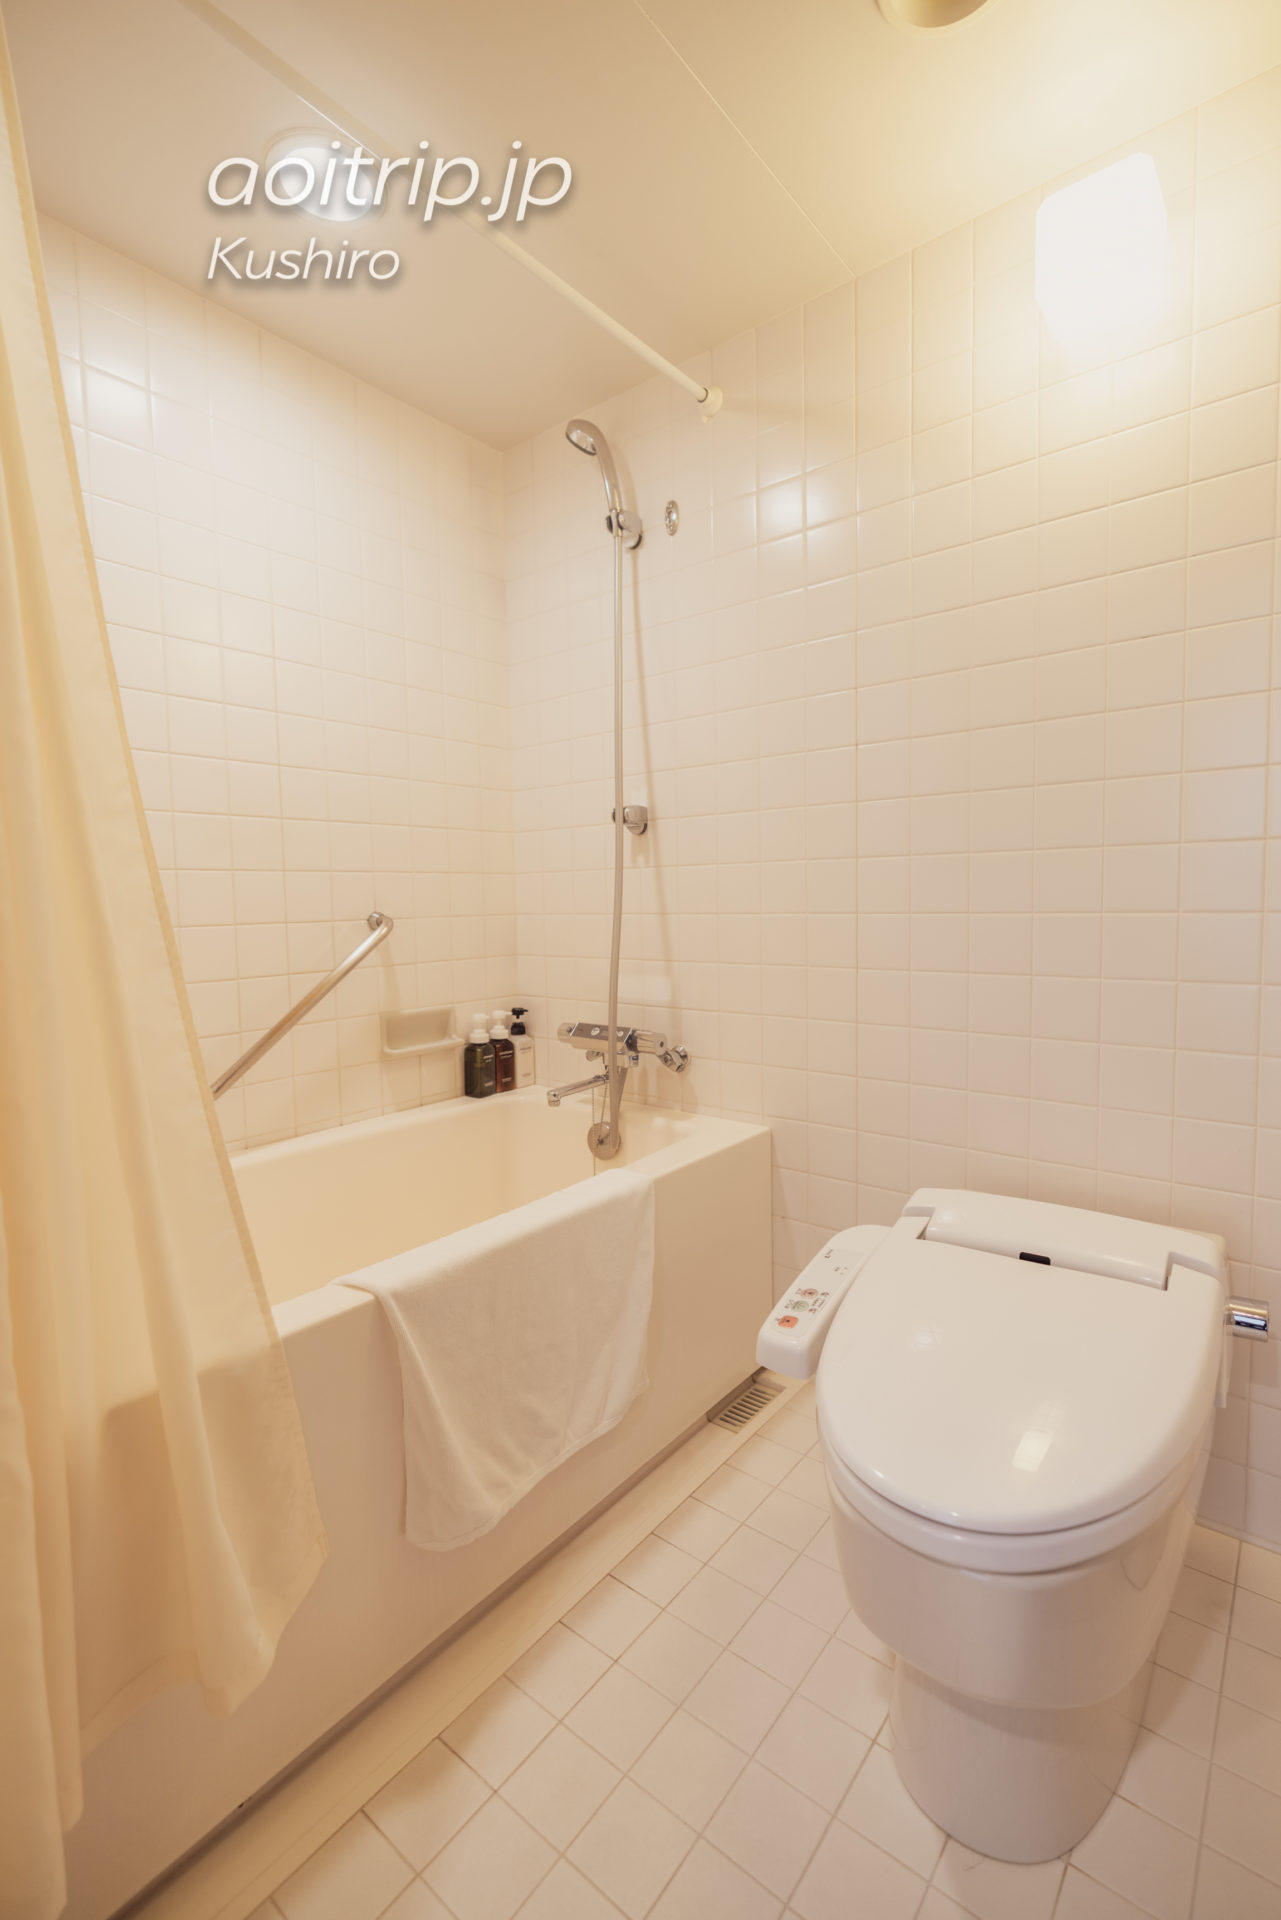 ANAクラウンプラザホテル釧路 ANA Crowne Plaza Hotel Kushiro コーナーツインルームのバスルーム